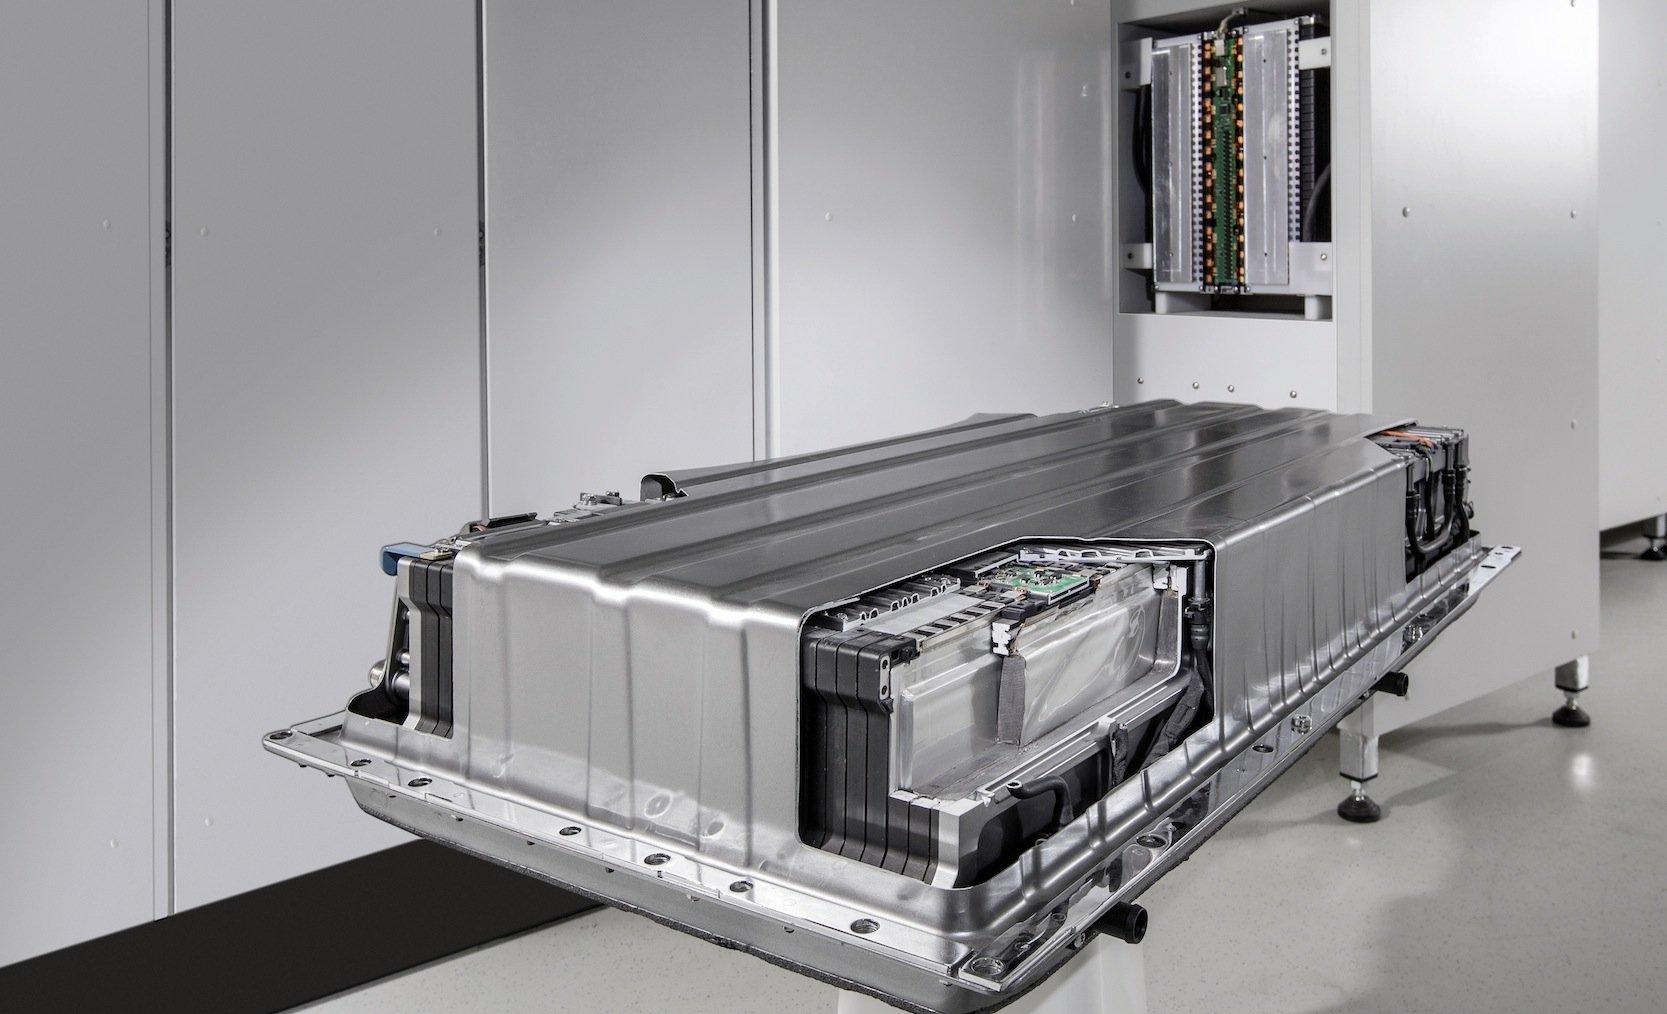 Aus 3000 Autobatterien für den E-Smart bauen Daimler und die Stadtwerke Hannover einen Energiespeicher. Wichtiger Nebeneffekt: Die Akkus erleiden keinen Leistungseinbruch bis zu ihrem Einsatz im Auto.